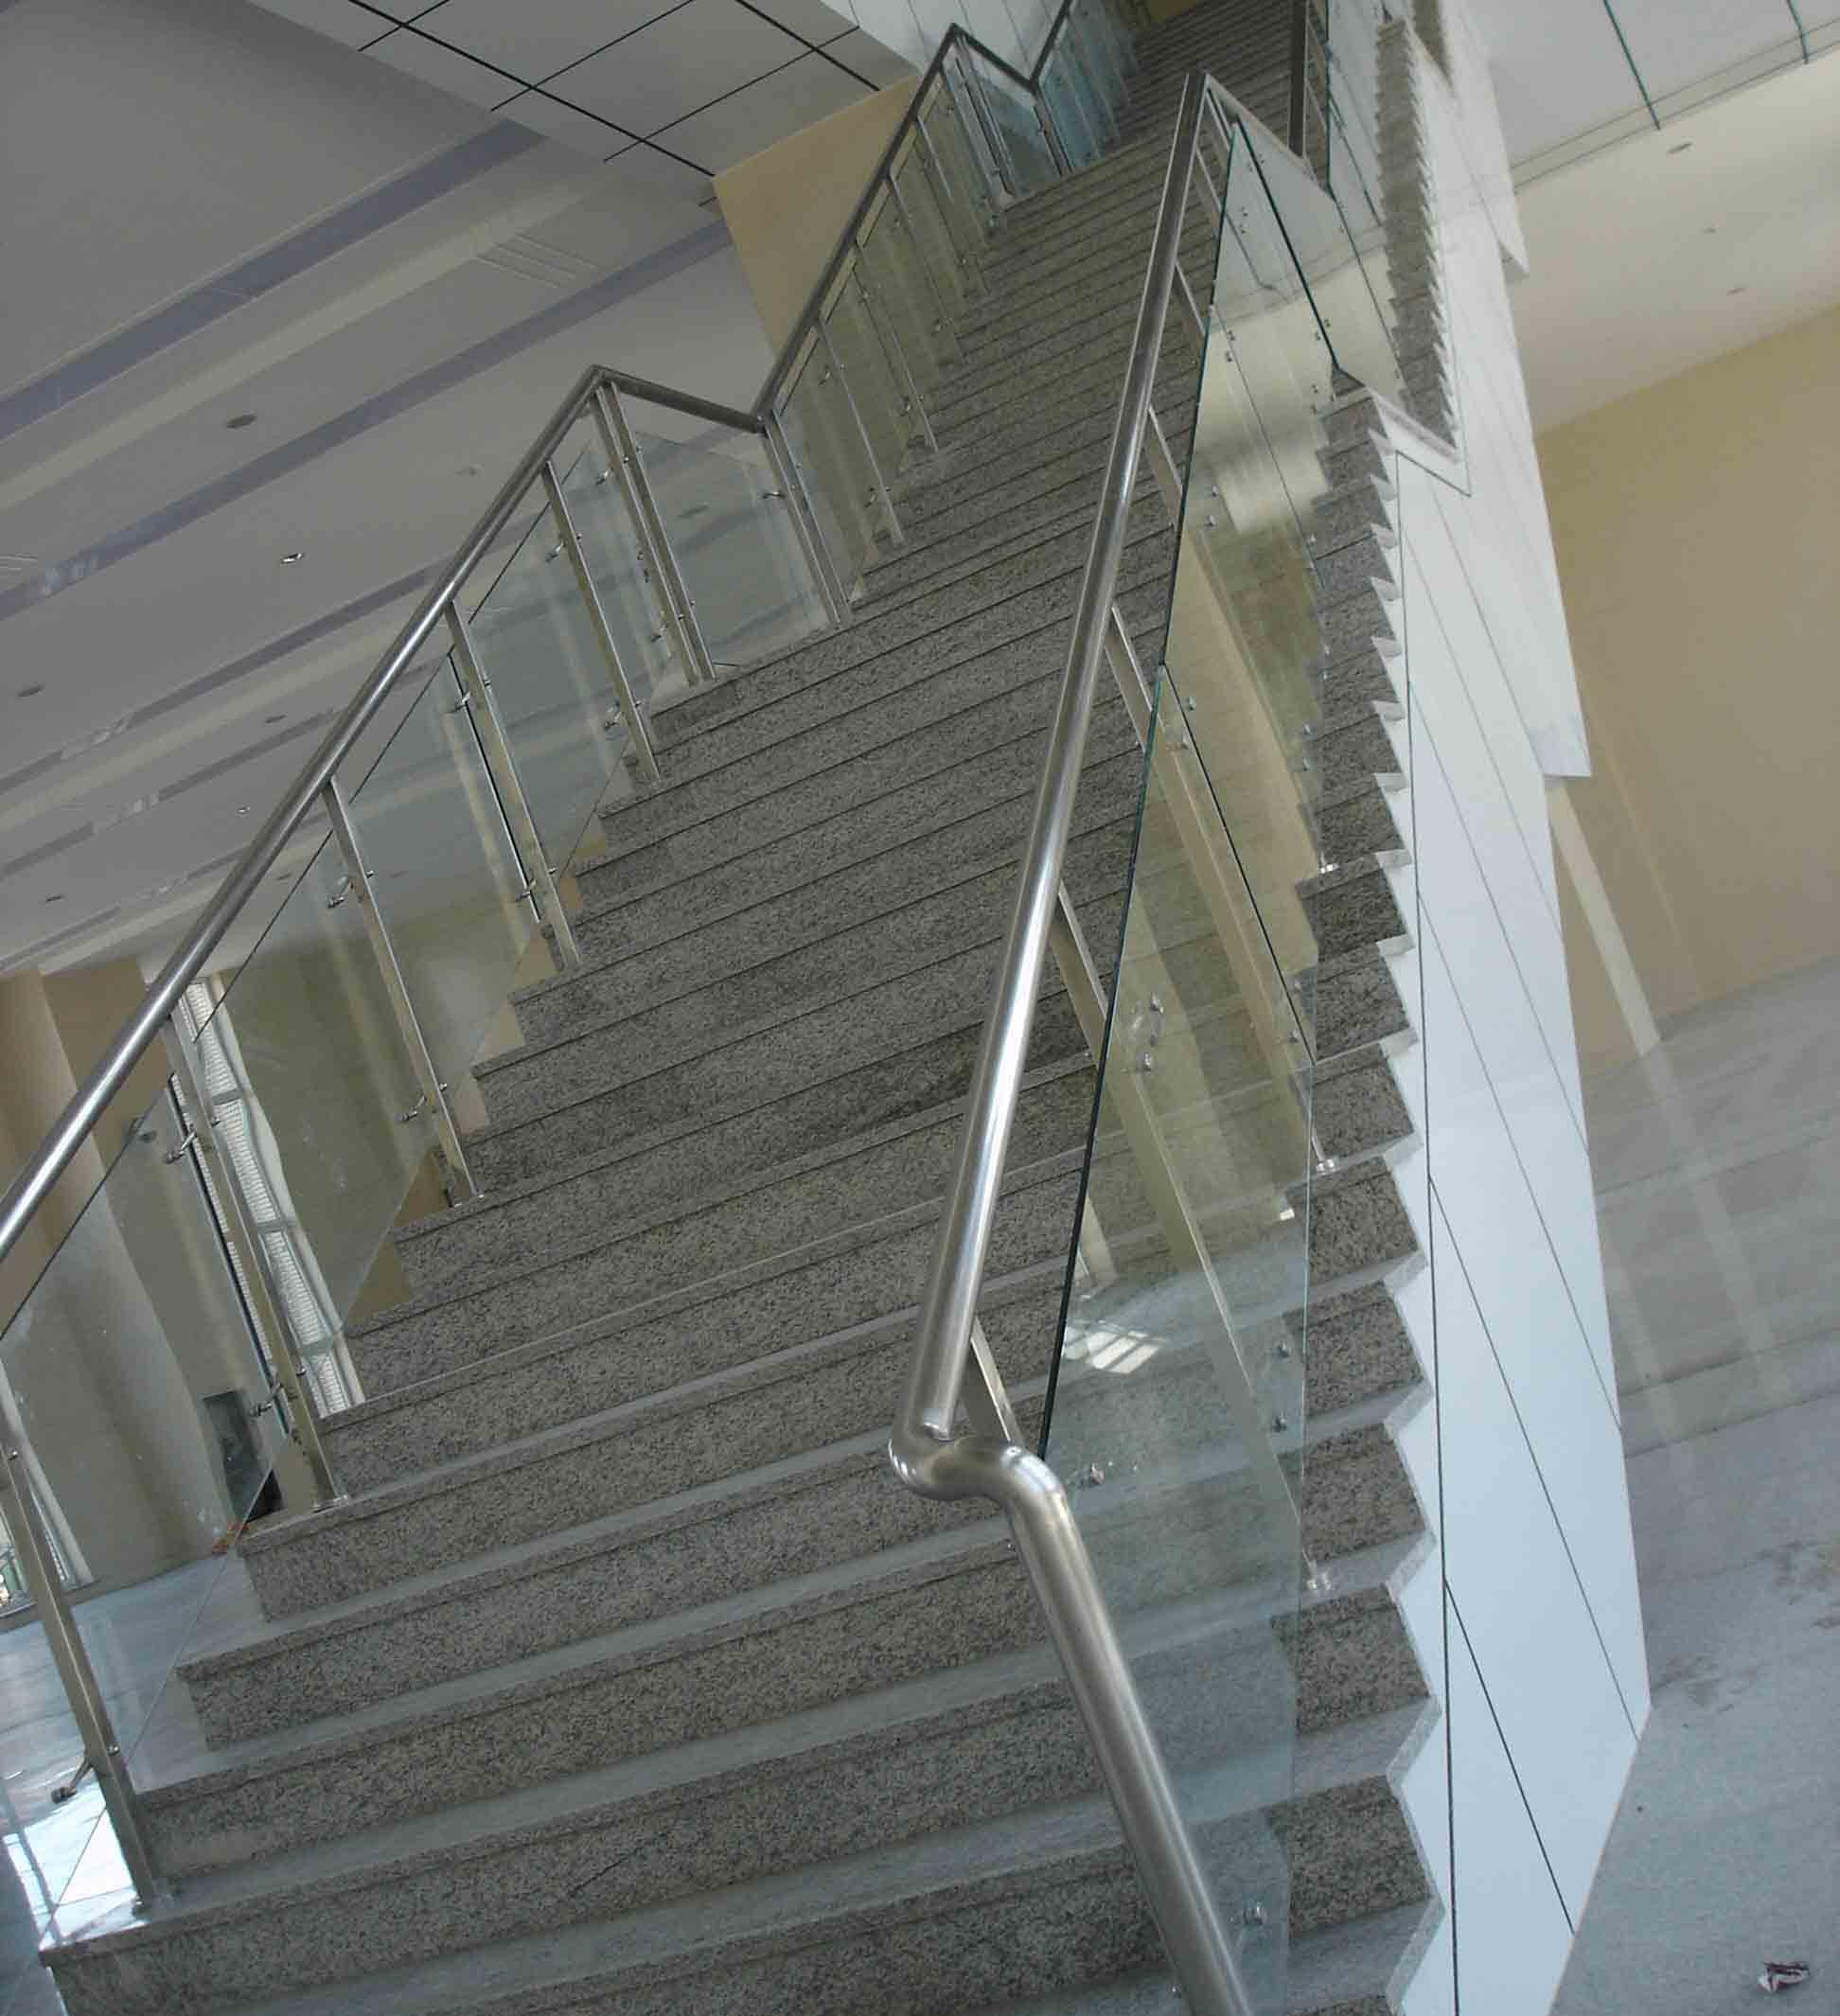 钢结构,塑铝板干挂,玻璃幕墙,遮雨棚,各种门饰系列,伸缩门,楼梯扶手